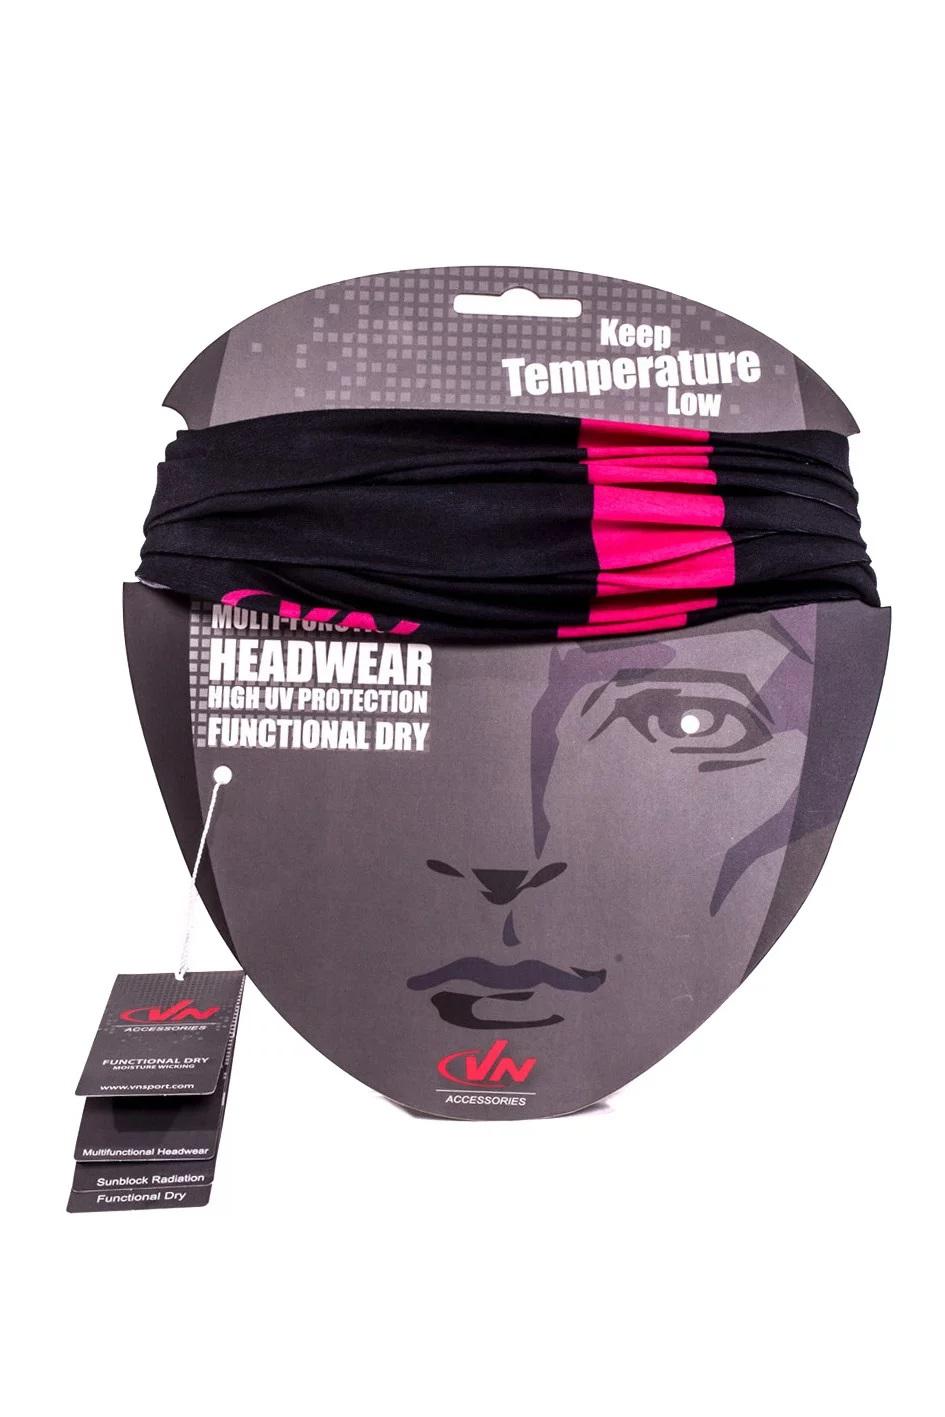 אביזרים VN לגברים VN MultiFunctional Headwear - שחור/ורוד